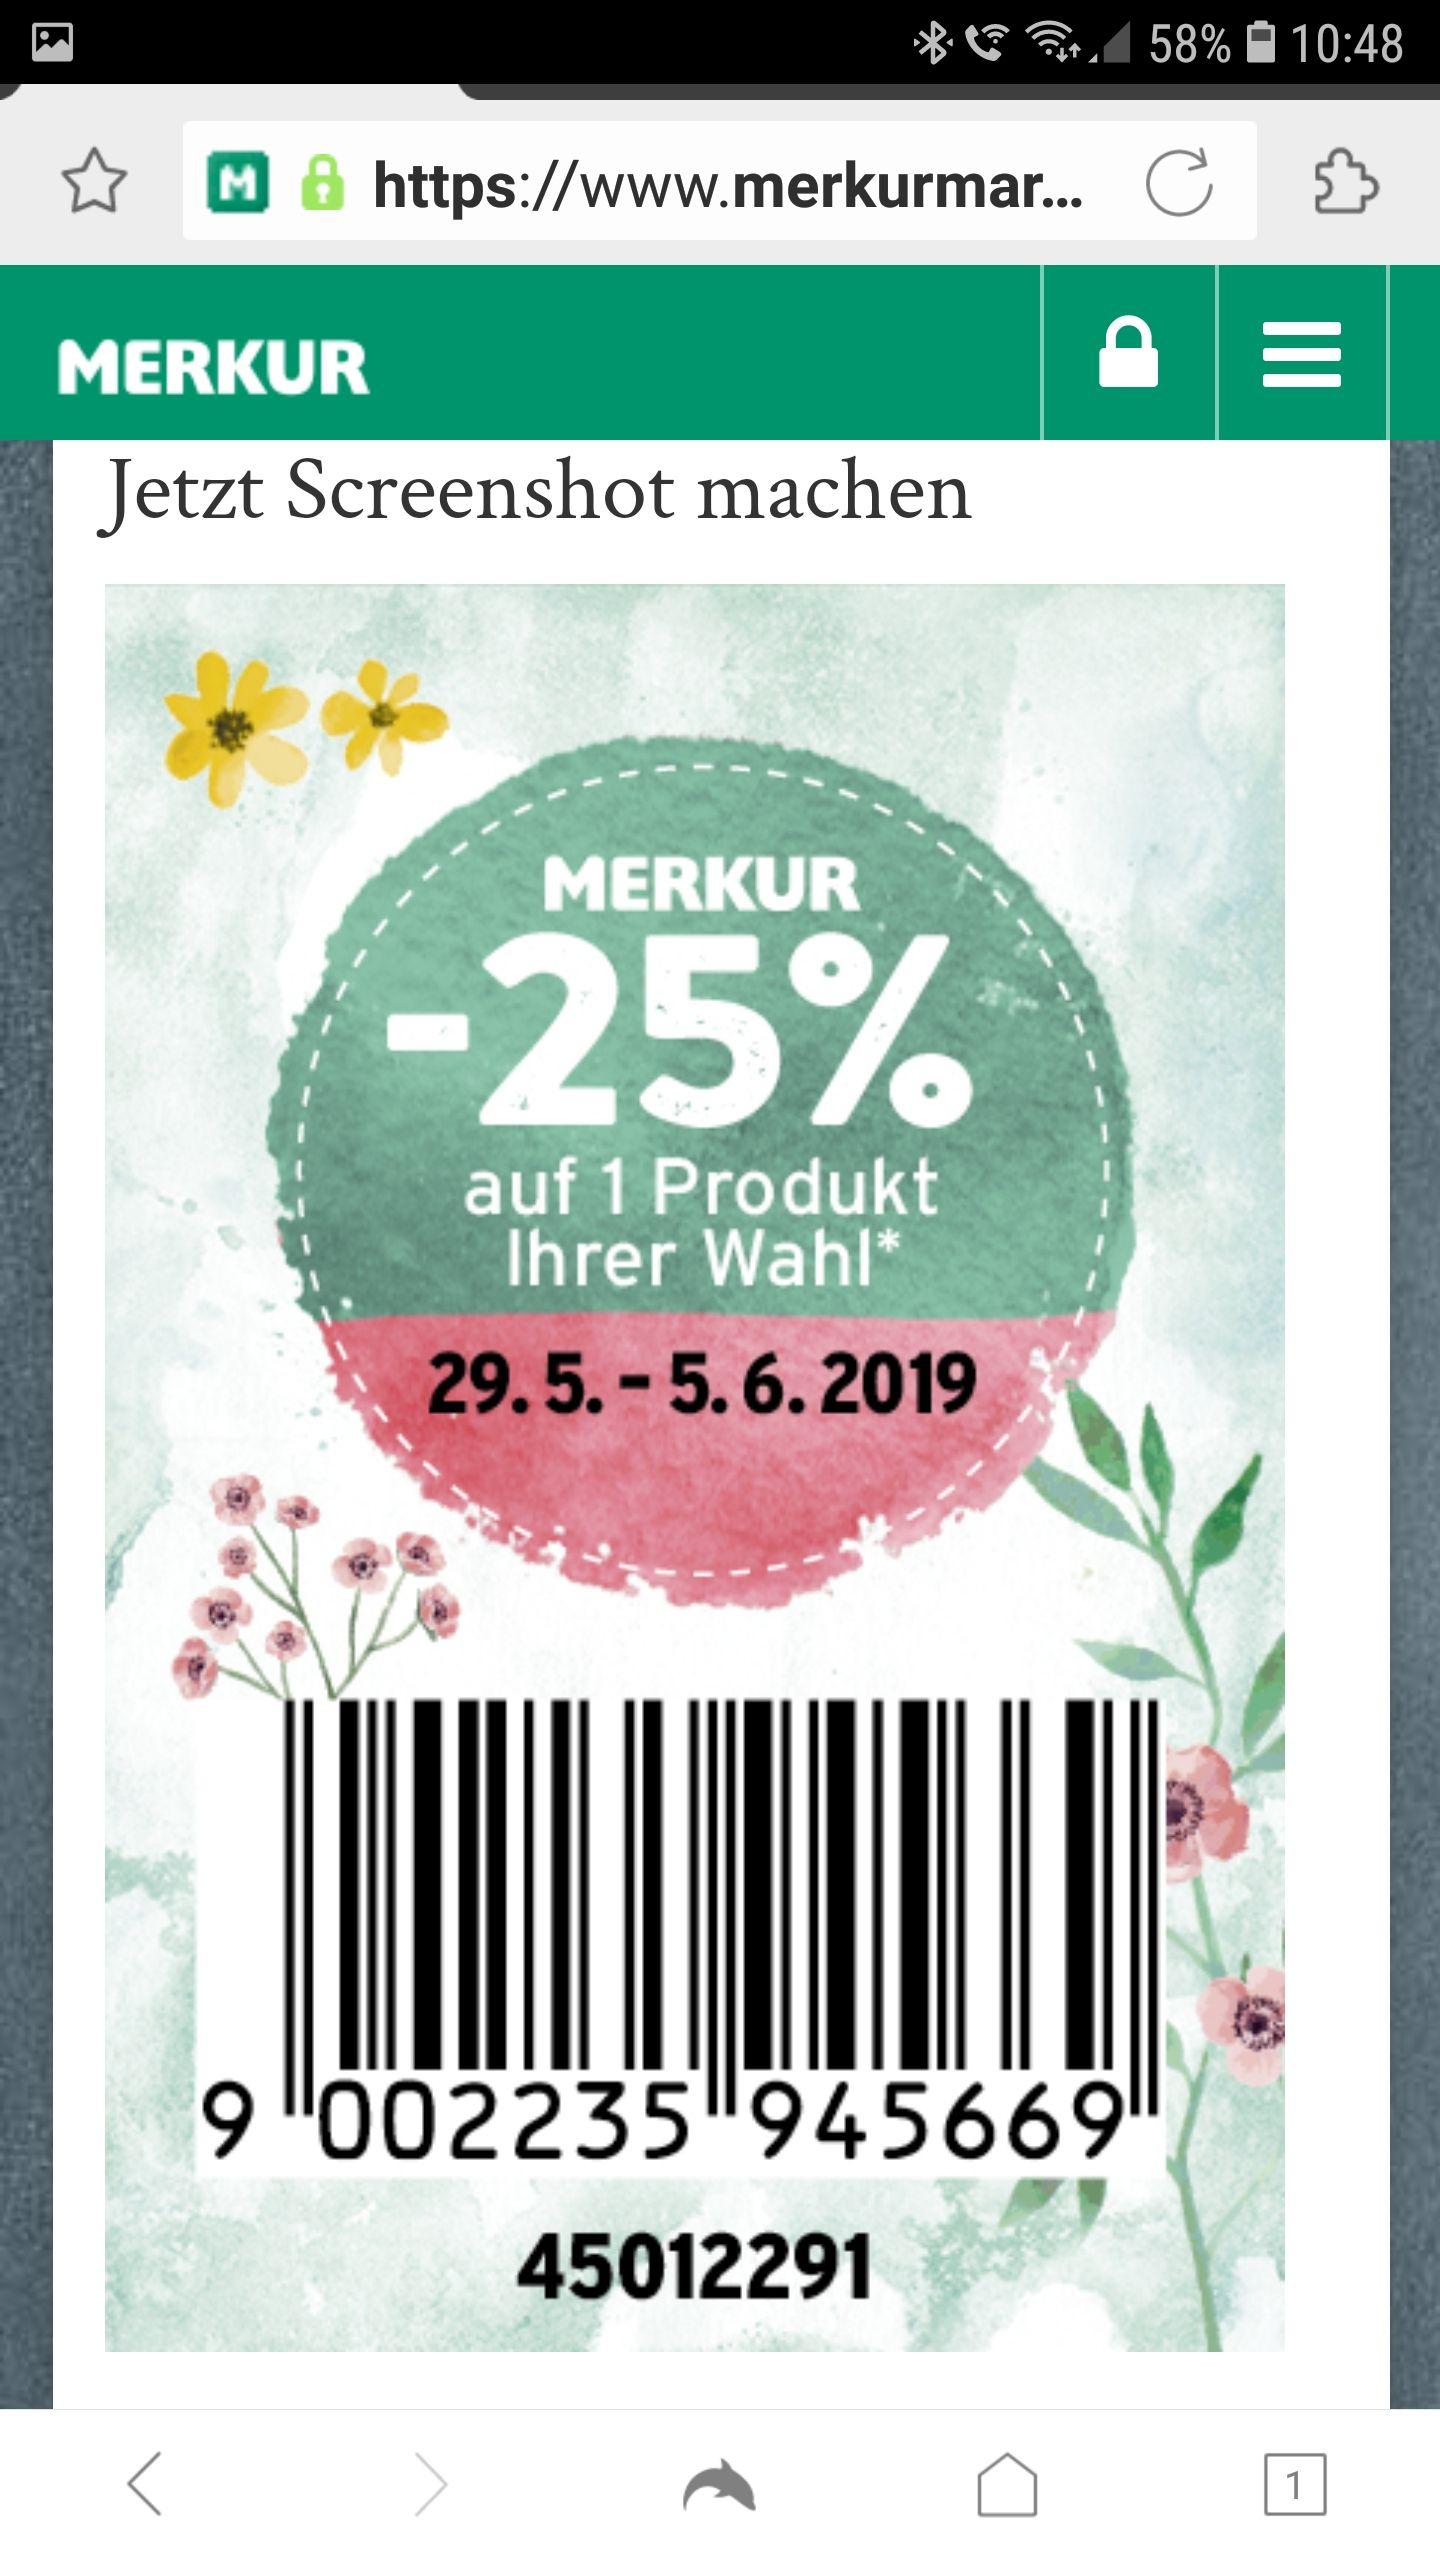 Merkur 25%Rabatt-Sticker Online